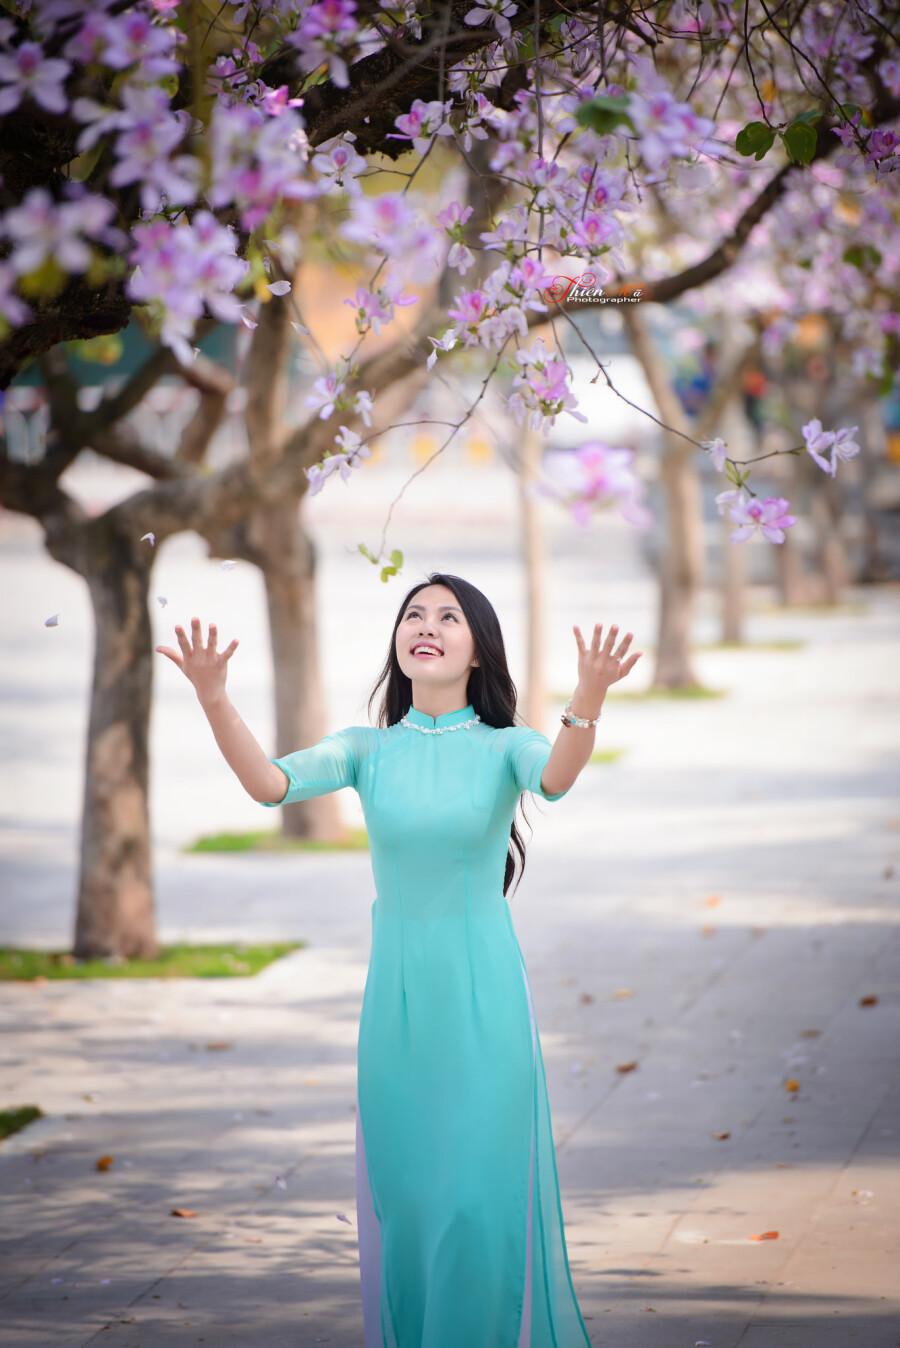 人生有尺,社会有度  【人生感悟】- 花仙子 -花仙子的博客